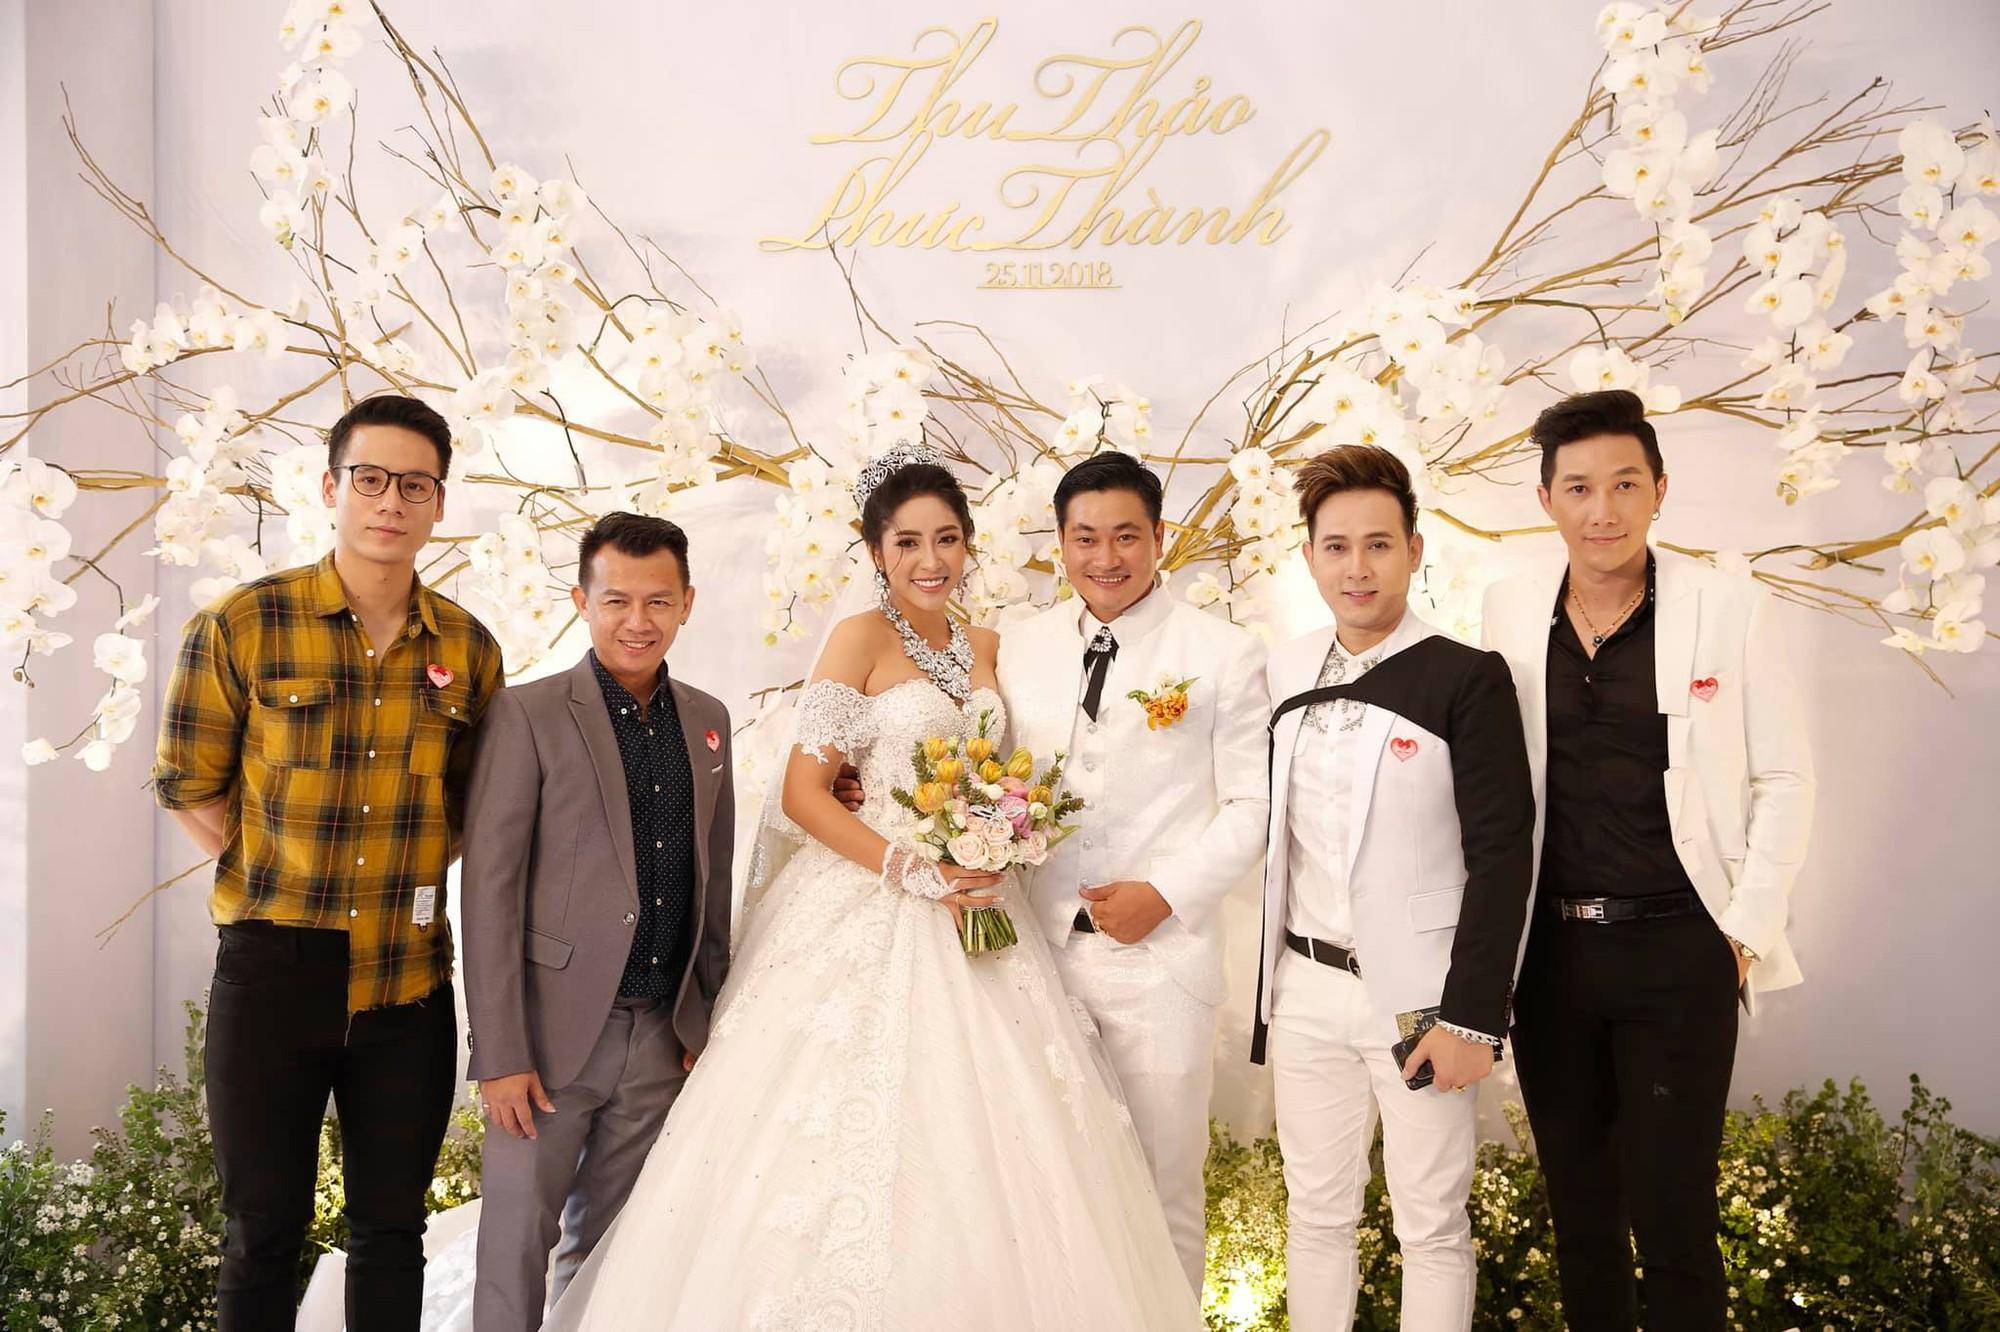 Hoa hậu Đại dương Đặng Thu Thảo tổ chức đám cưới với ông xã doanh nhân tại Cần Thơ-8